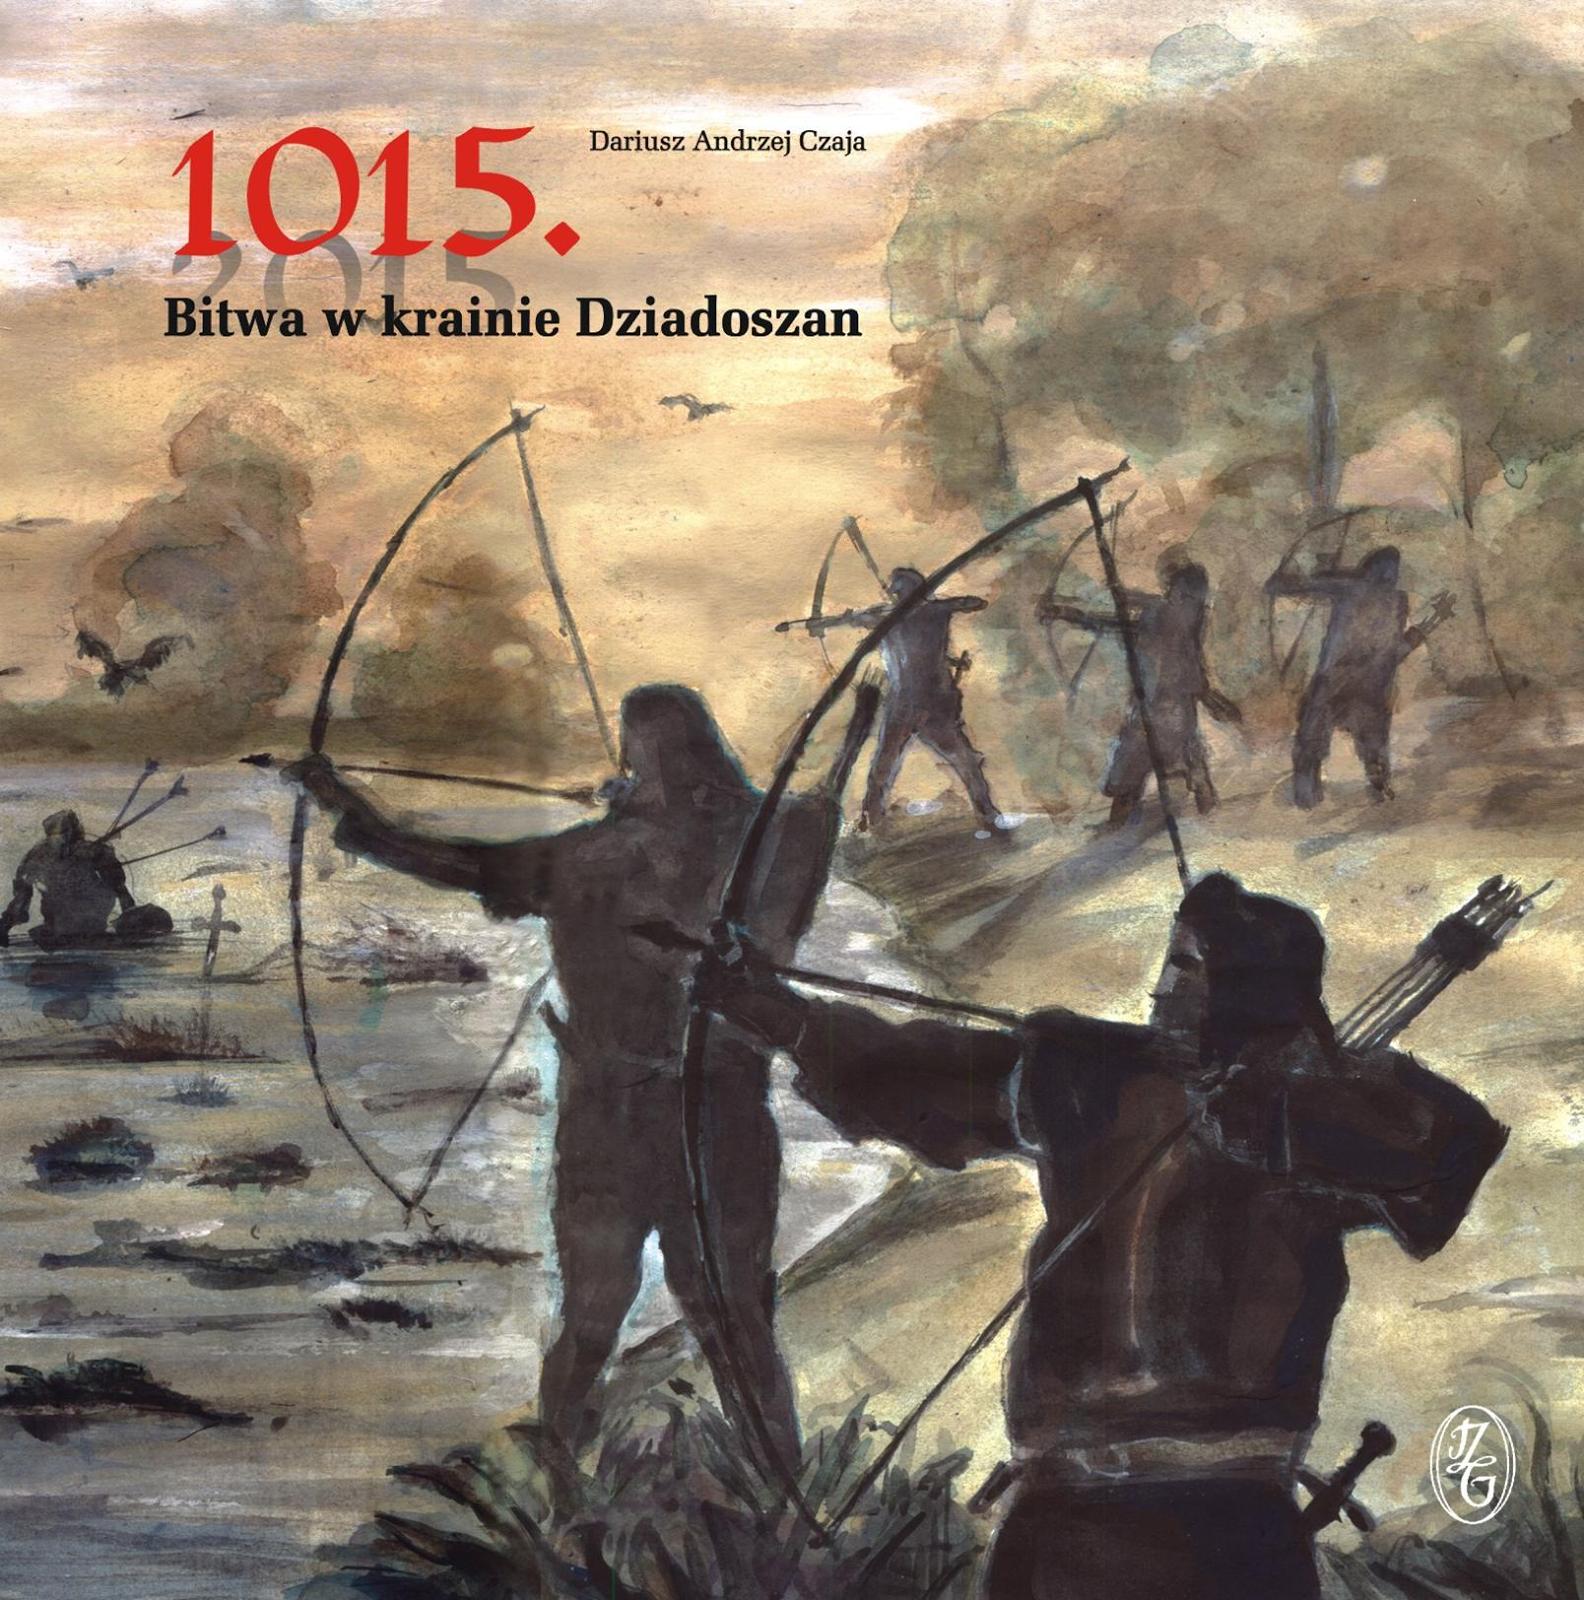 1 września 1015 r. doszło do starcia zbrojnego między armia księcia Bolesława Chrobrego a wojskami cesarza niemieckiego Henryka II, któremu wsparcia udzielili Czesi i Wieleci. Wojska piastowskie użyły śmiałego fortelu oraz licznych zastępów łuczników i zniszczyły tylną straż nieprzyjaciela.